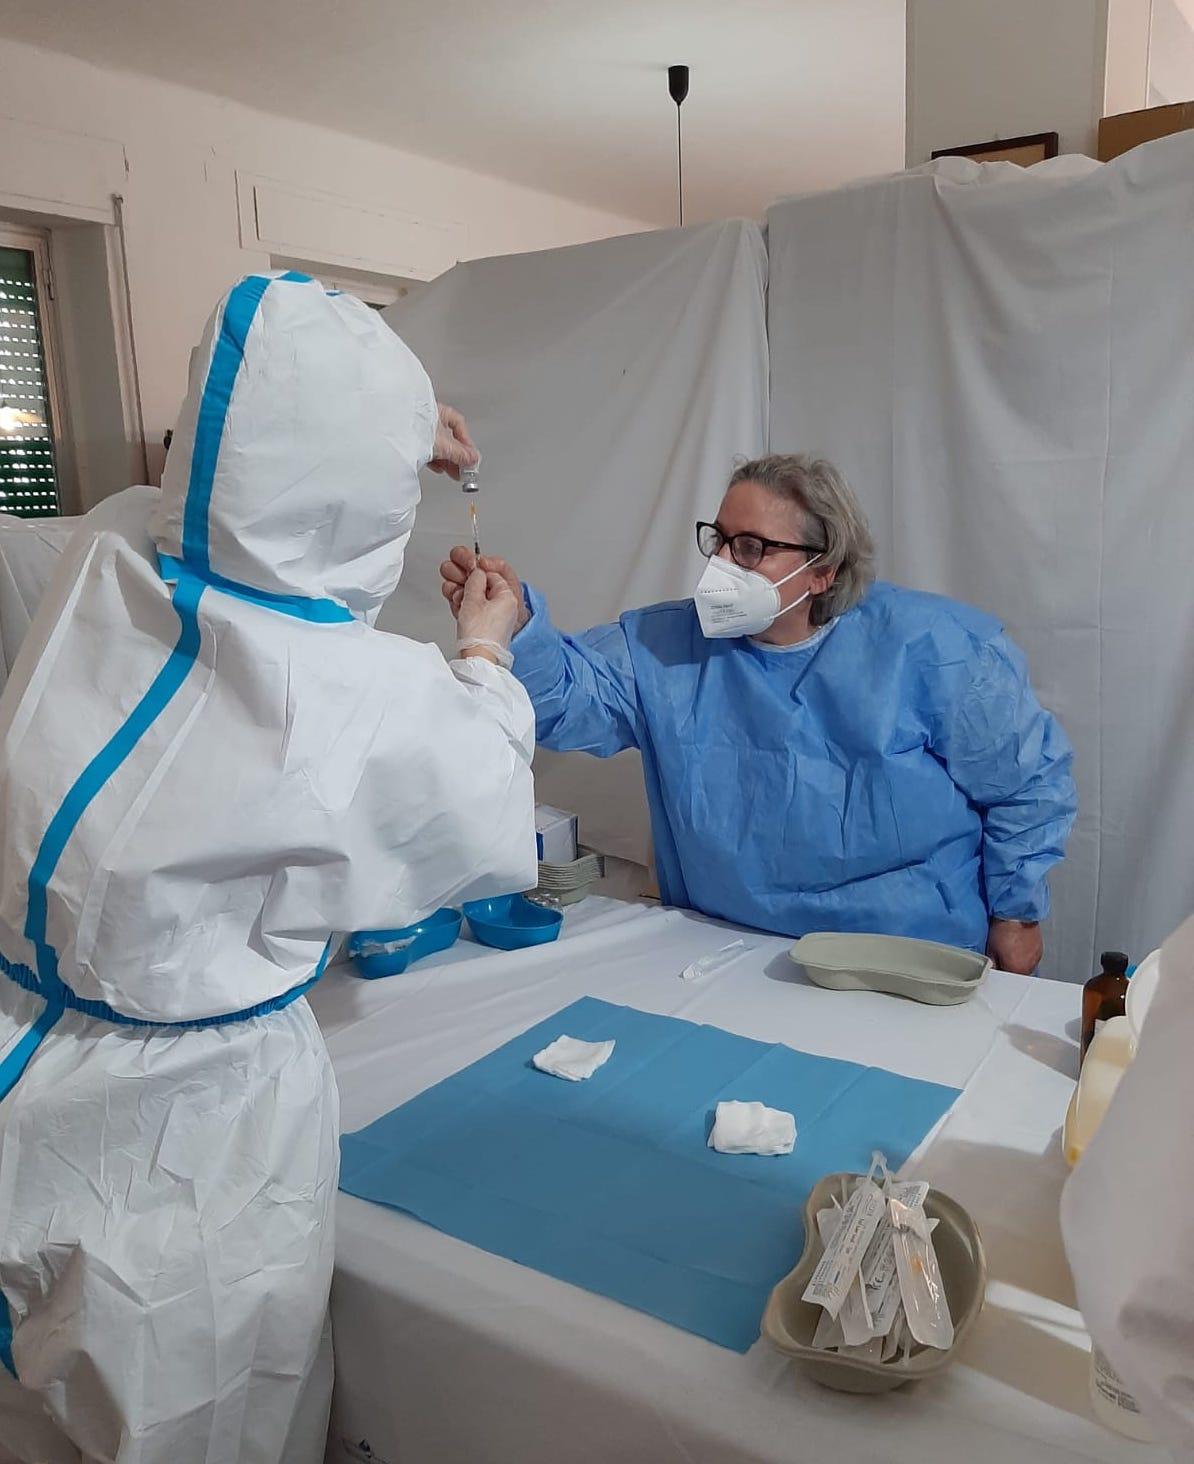 preparazione-dosi-vaccini